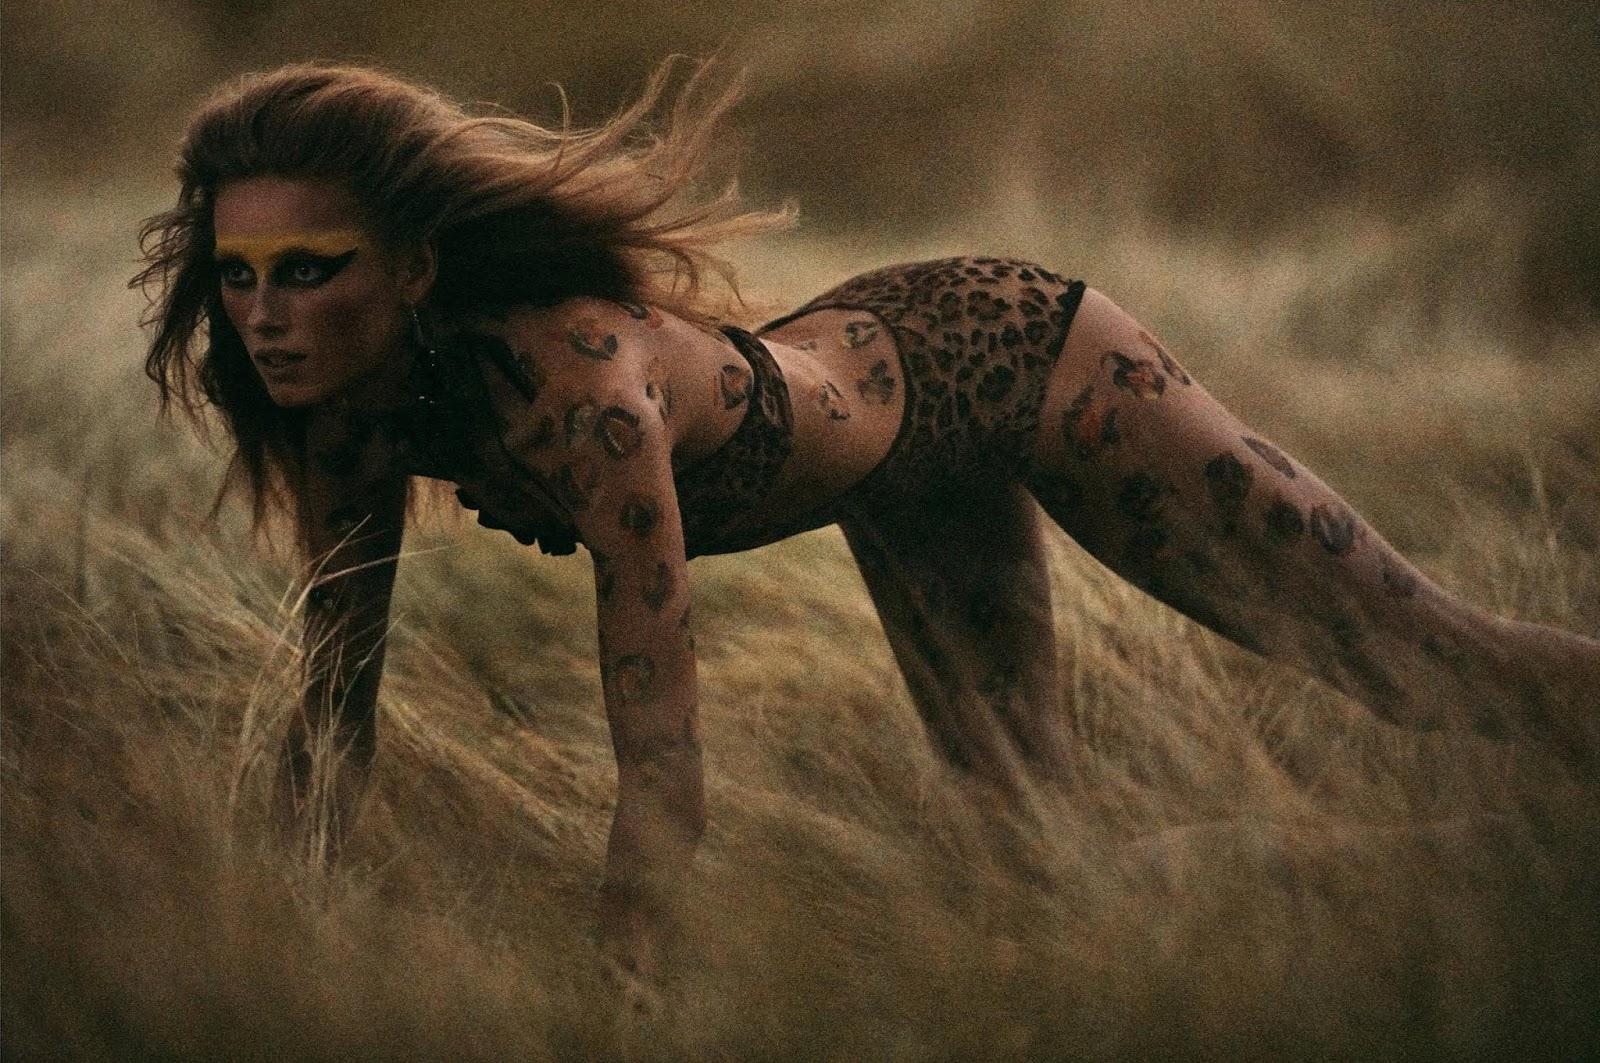 Rianne Van Rompaey by Mikael Jansson for Vogue Paris (2).jpg